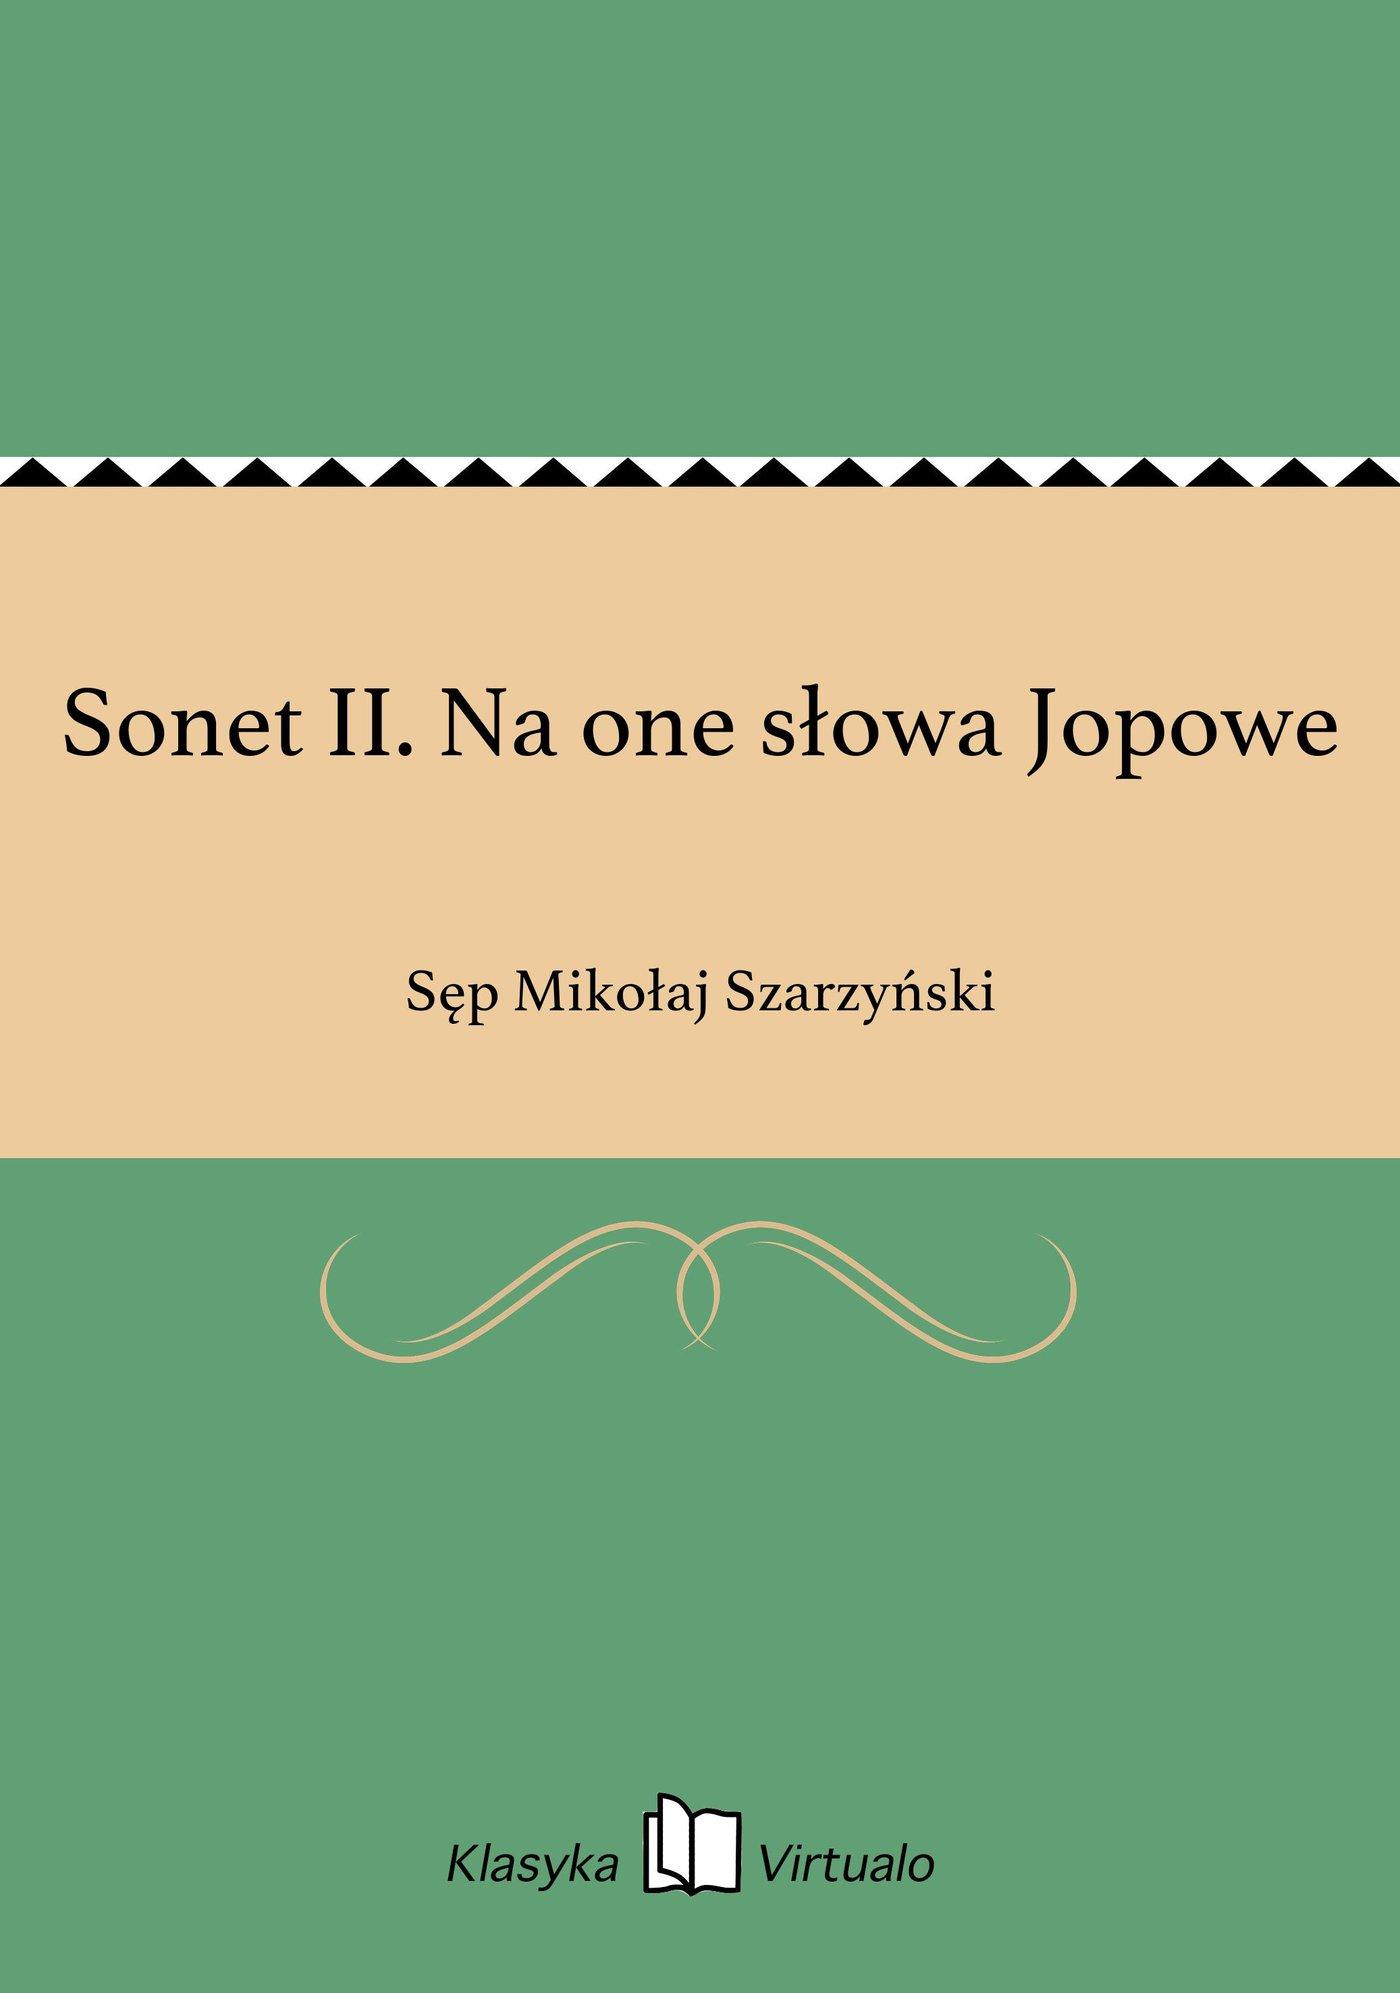 Sonet II. Na one słowa Jopowe - Ebook (Książka EPUB) do pobrania w formacie EPUB